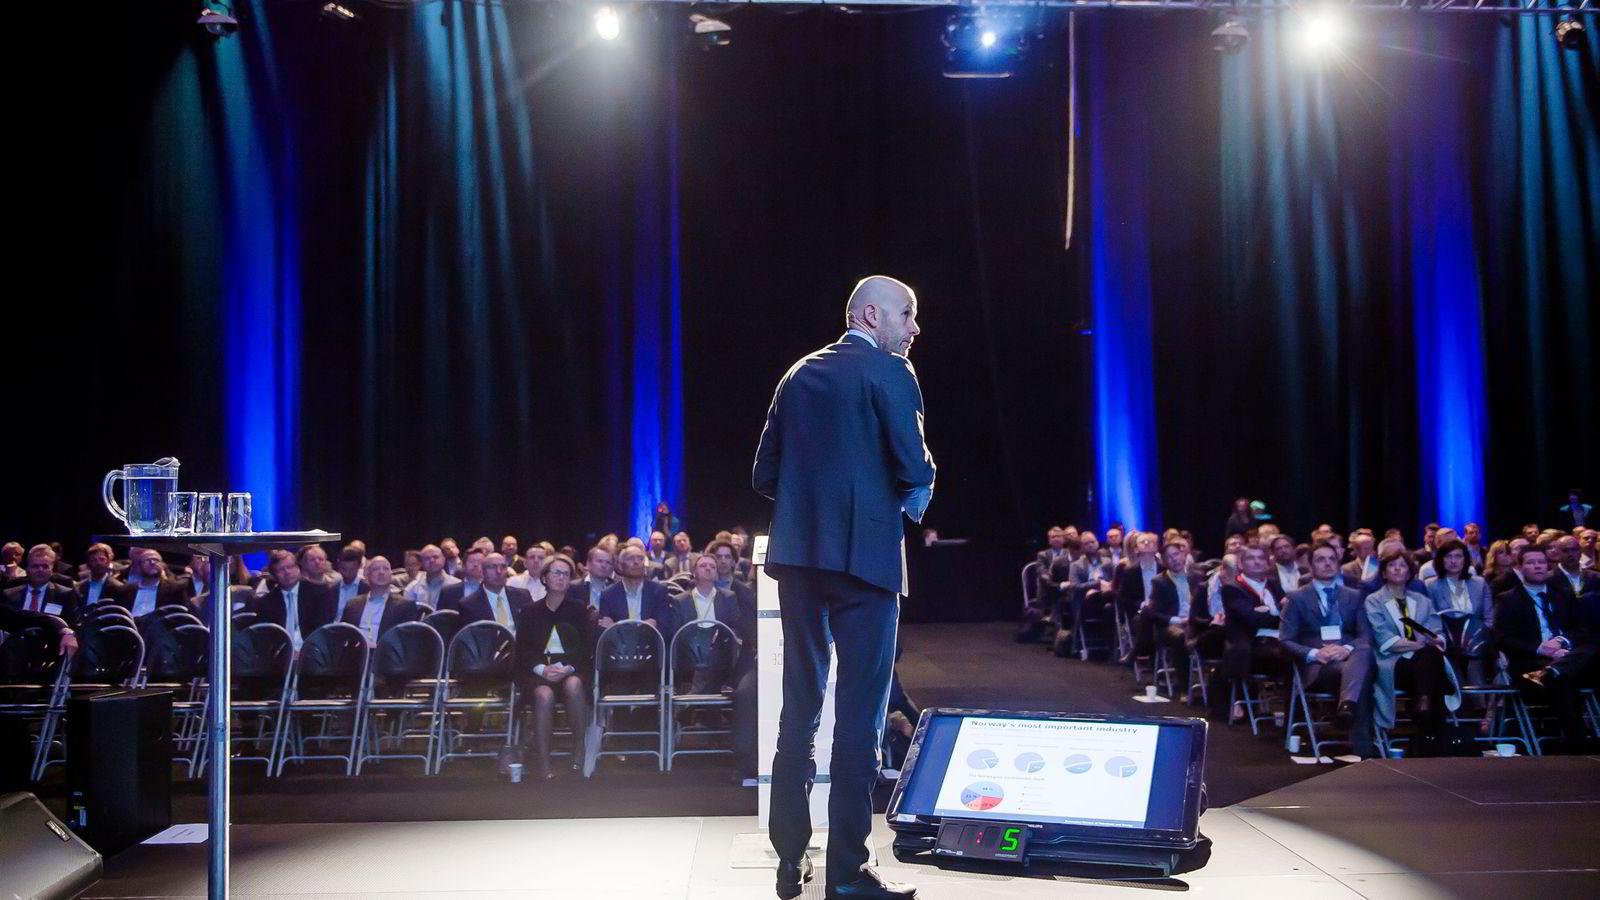 Skal man snakke om hva Norge skal gjøre etter oljen, må man se «50, 60,70, 80» år fremover, mener olje- og energiminister Tord Lien. Foto: Hampus Lundgren